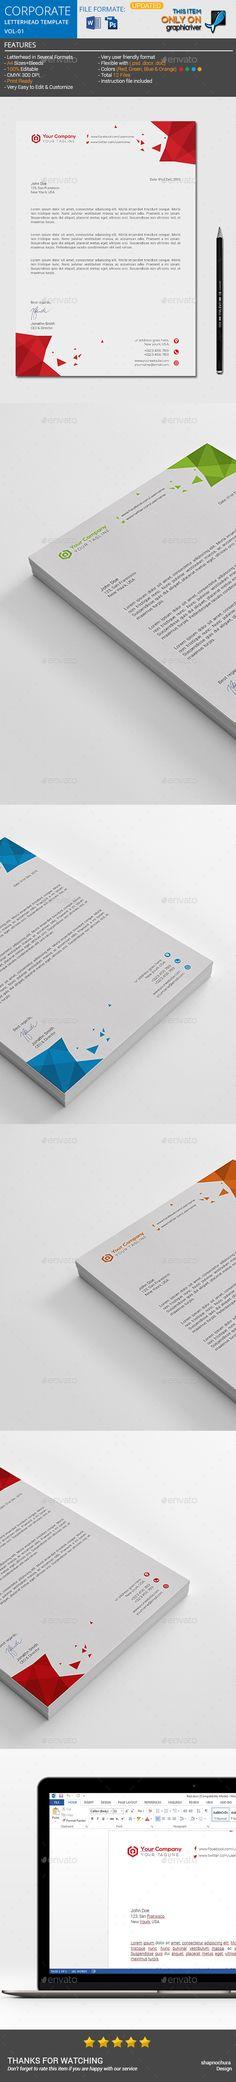 Corporate Creative Letterhead template vol-04 - Stationery Print - corporate letterhead template